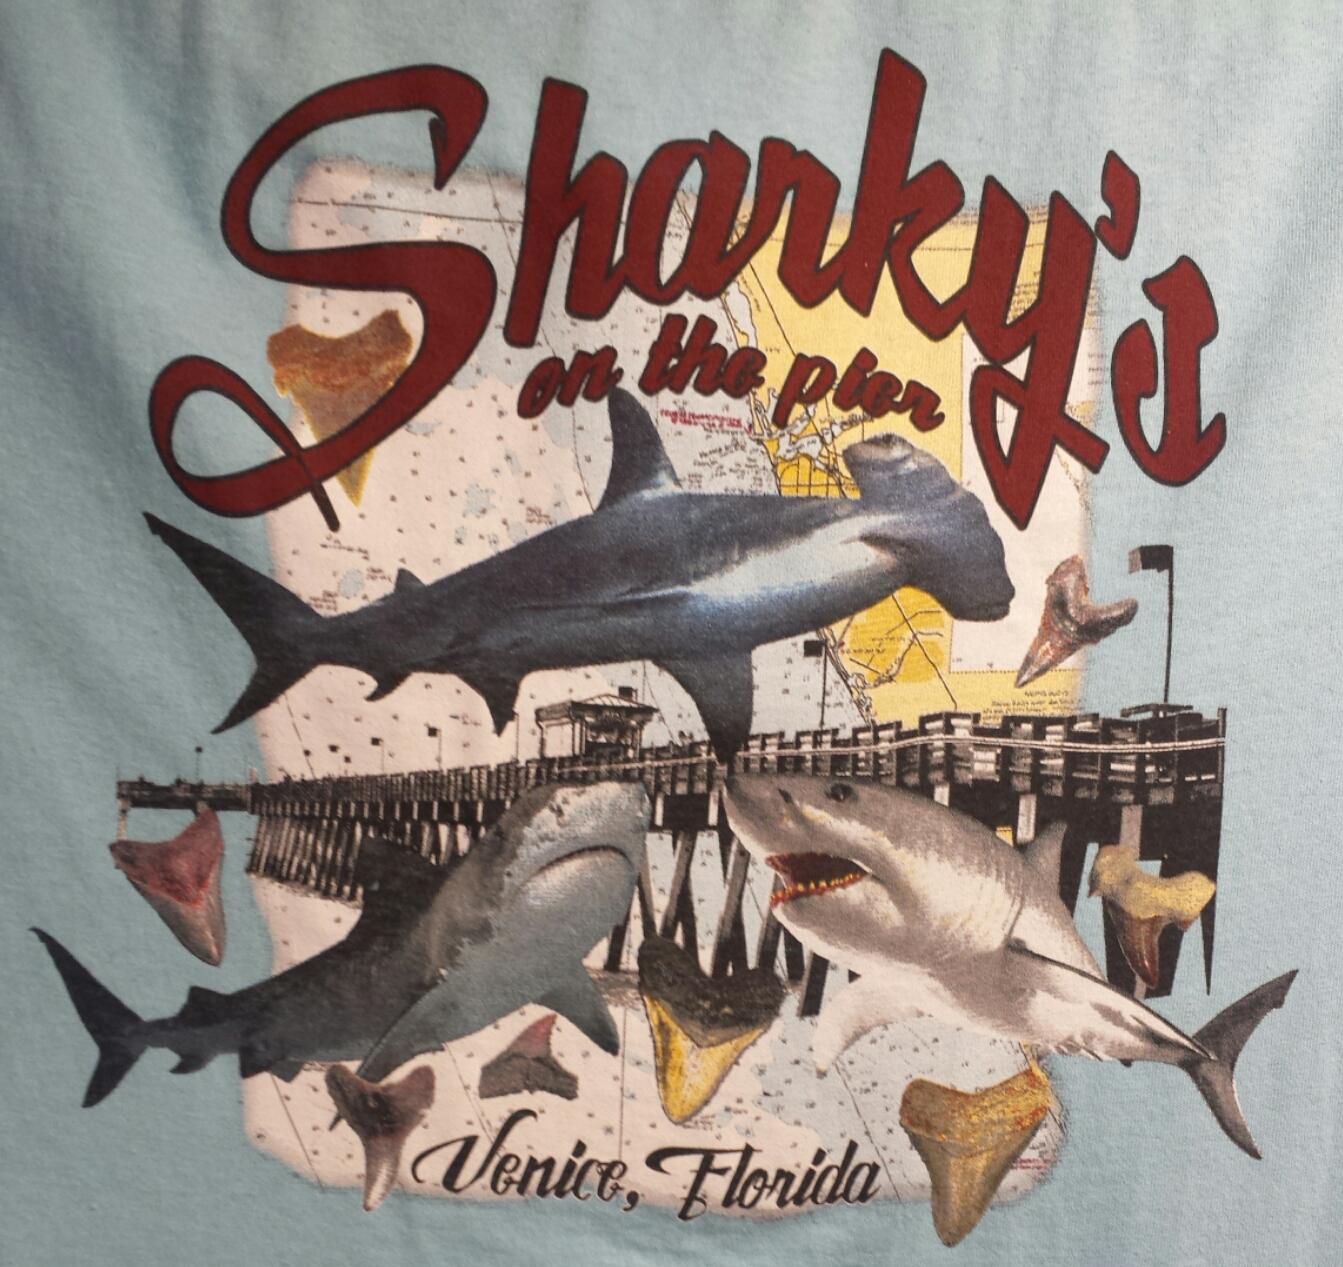 Blue Shark Shirt